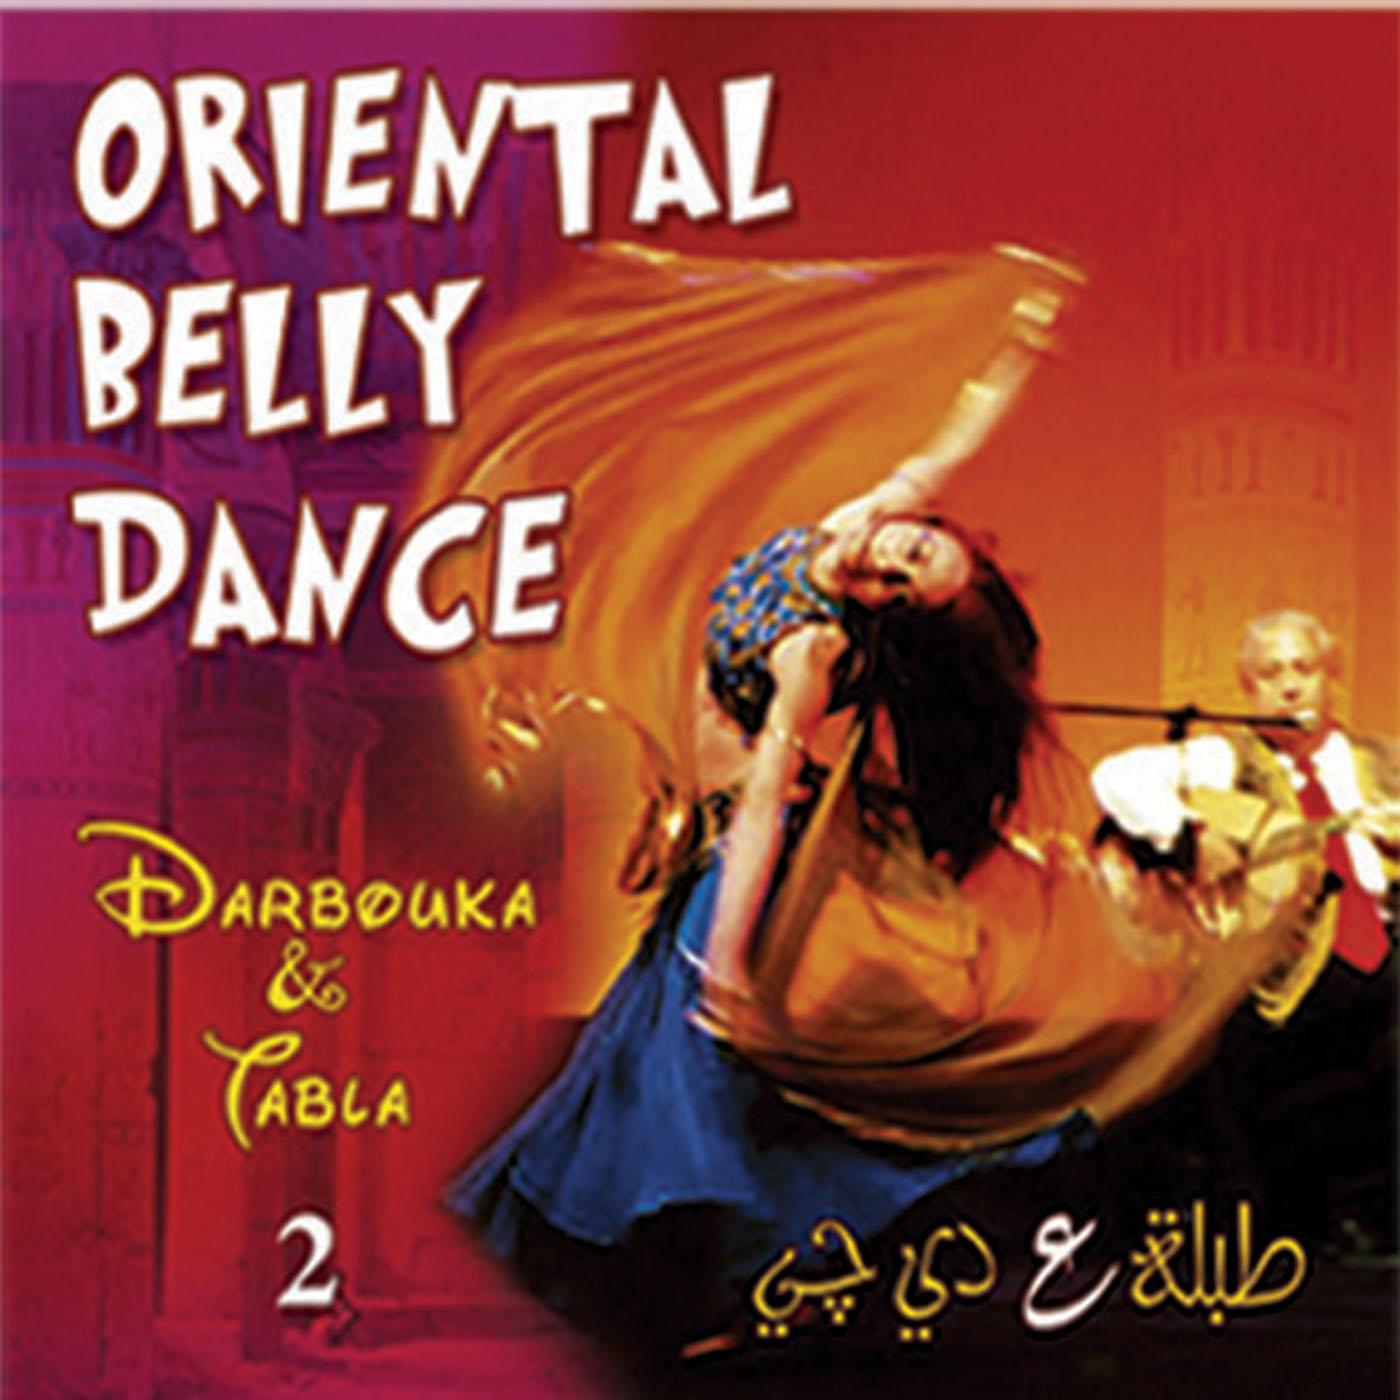 Darbouka & Tabla 2 Vol. 2/     BUY IT